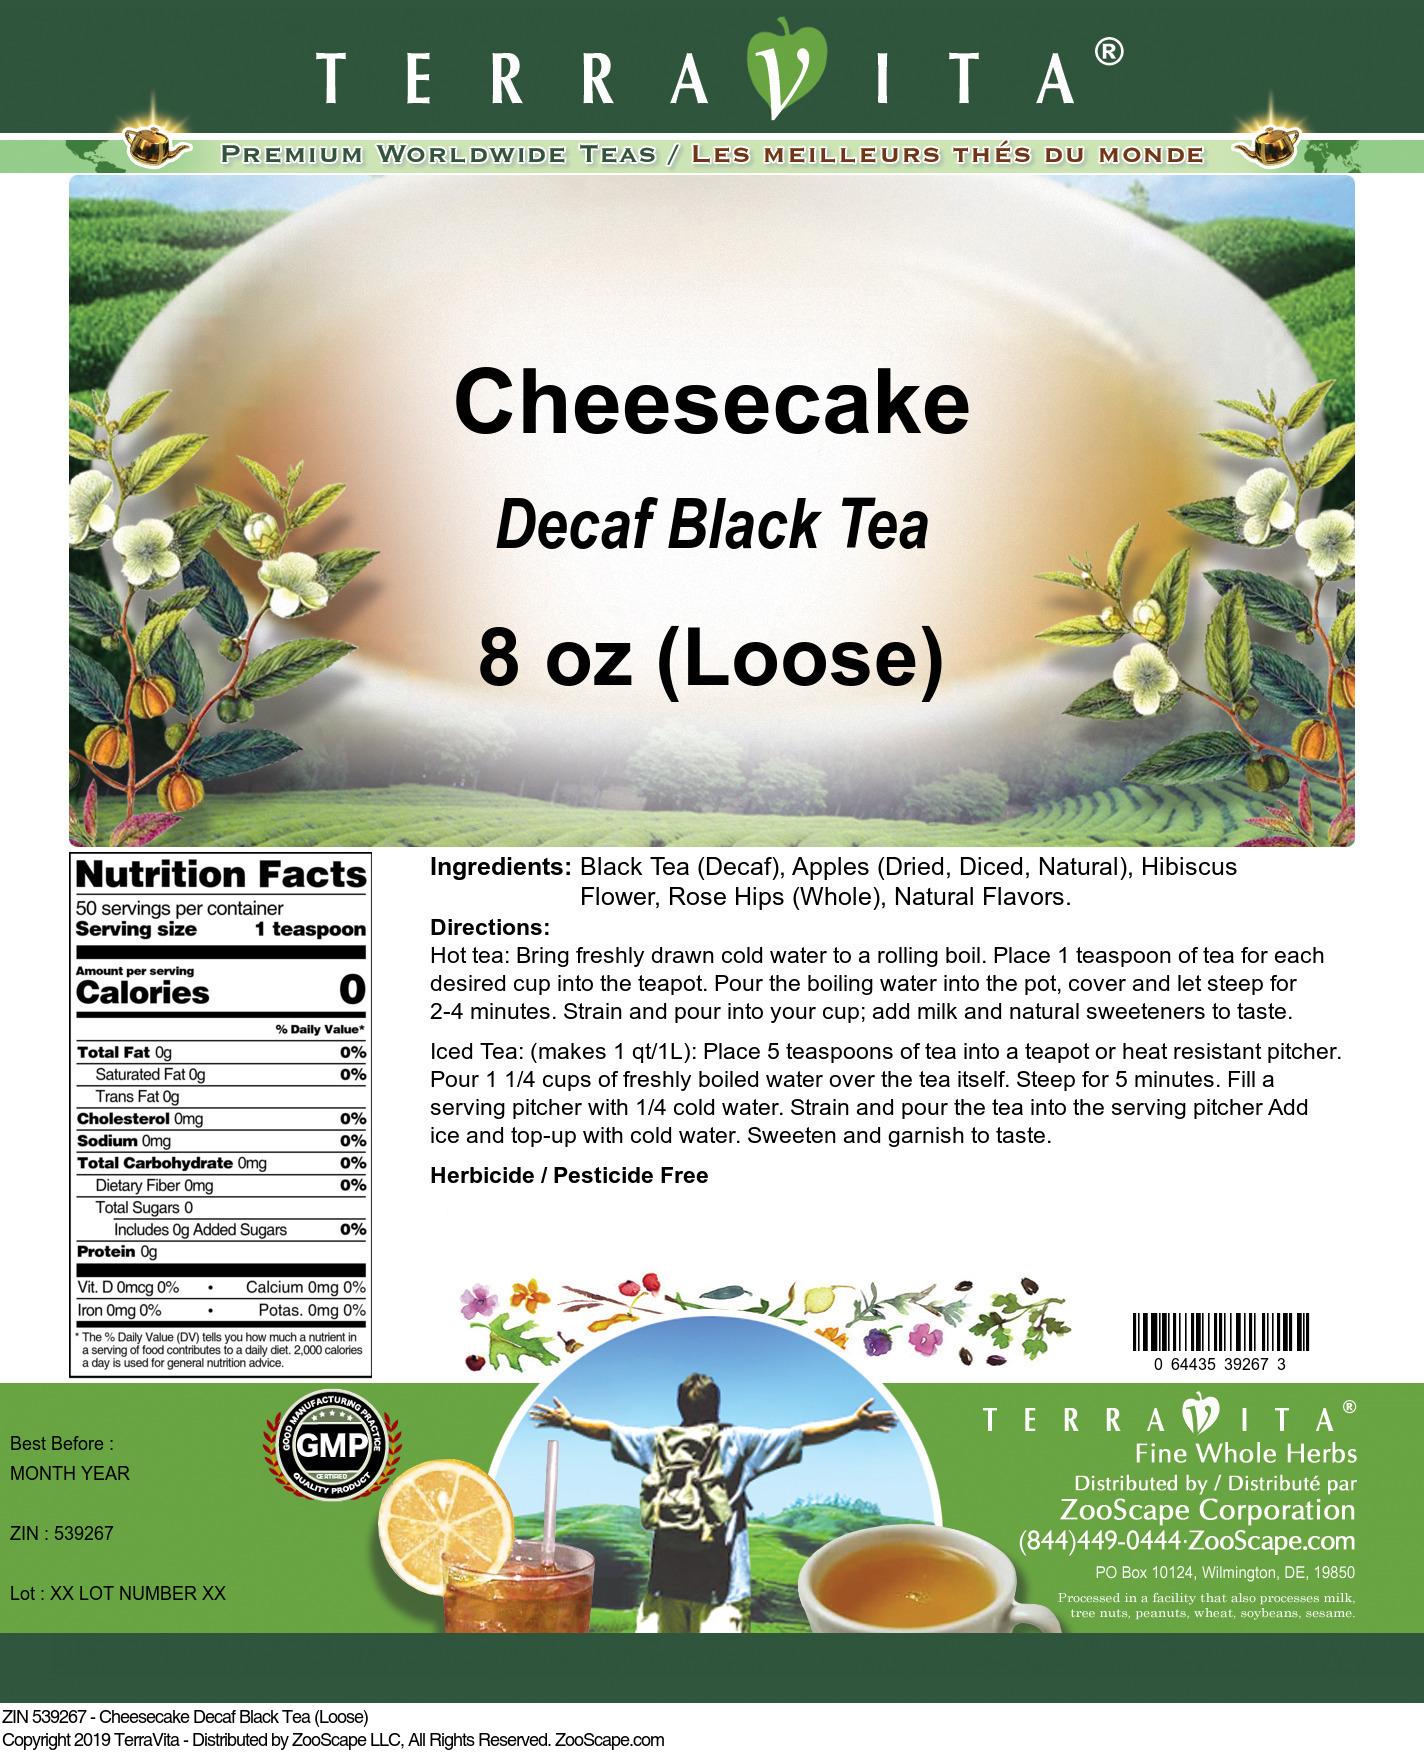 Cheesecake Decaf Black Tea